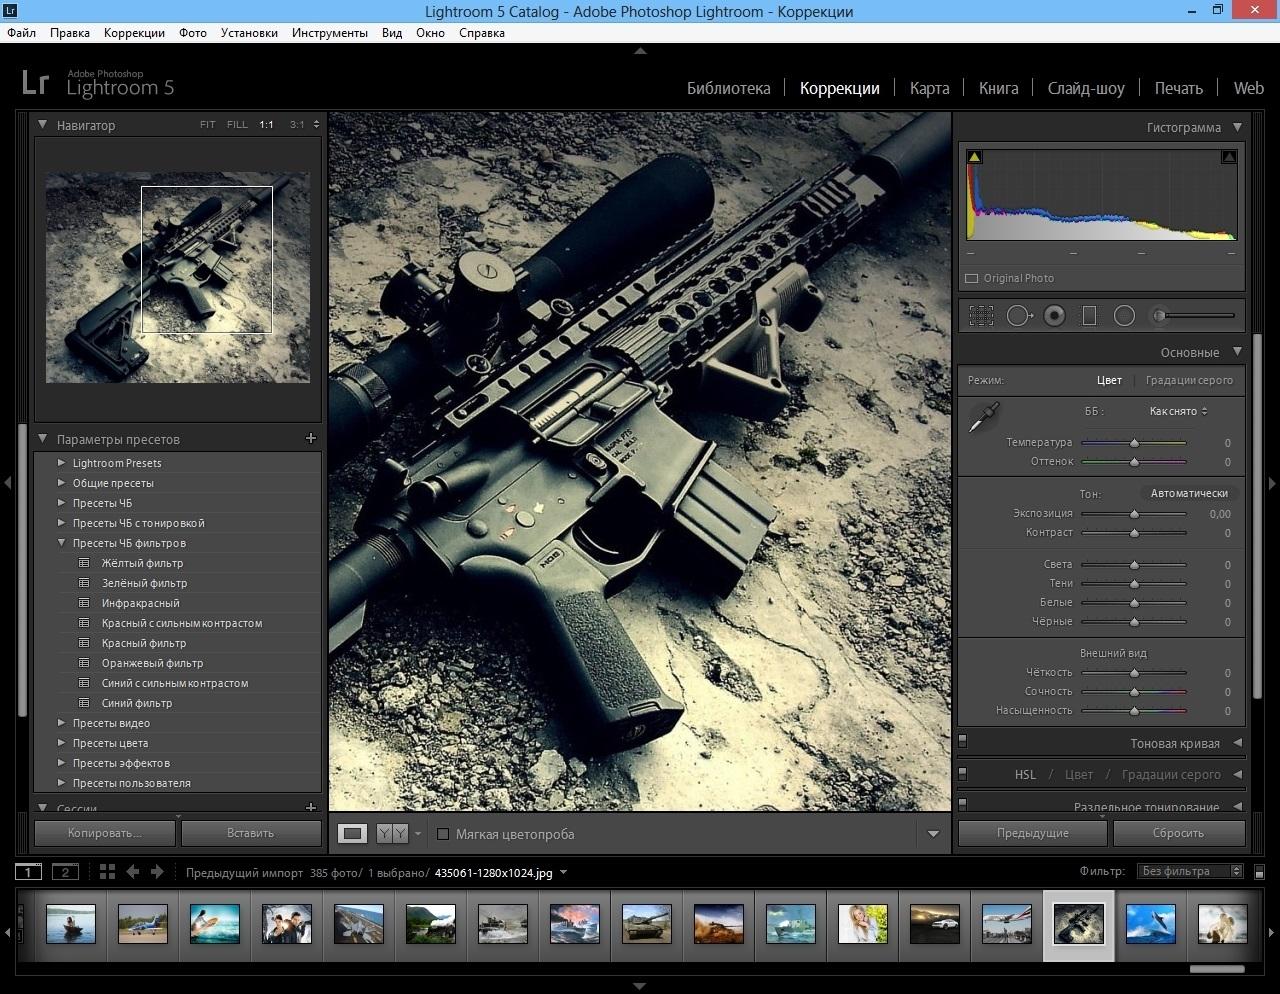 Adobe photoshop lightroom скачать бесплатно на русском языке.